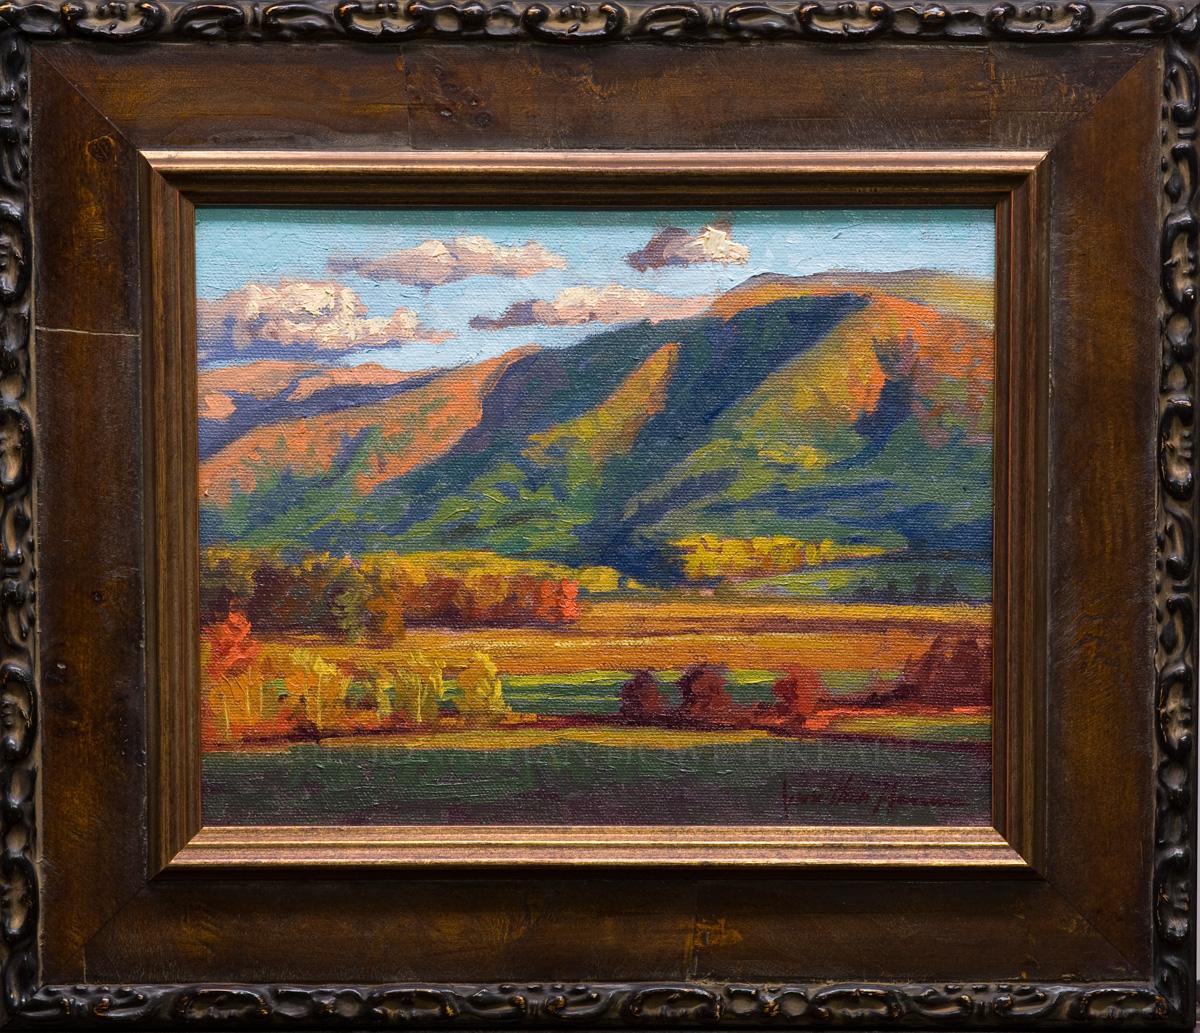 PaintedValley_8x10Framed_Jonathan Howe.jpg